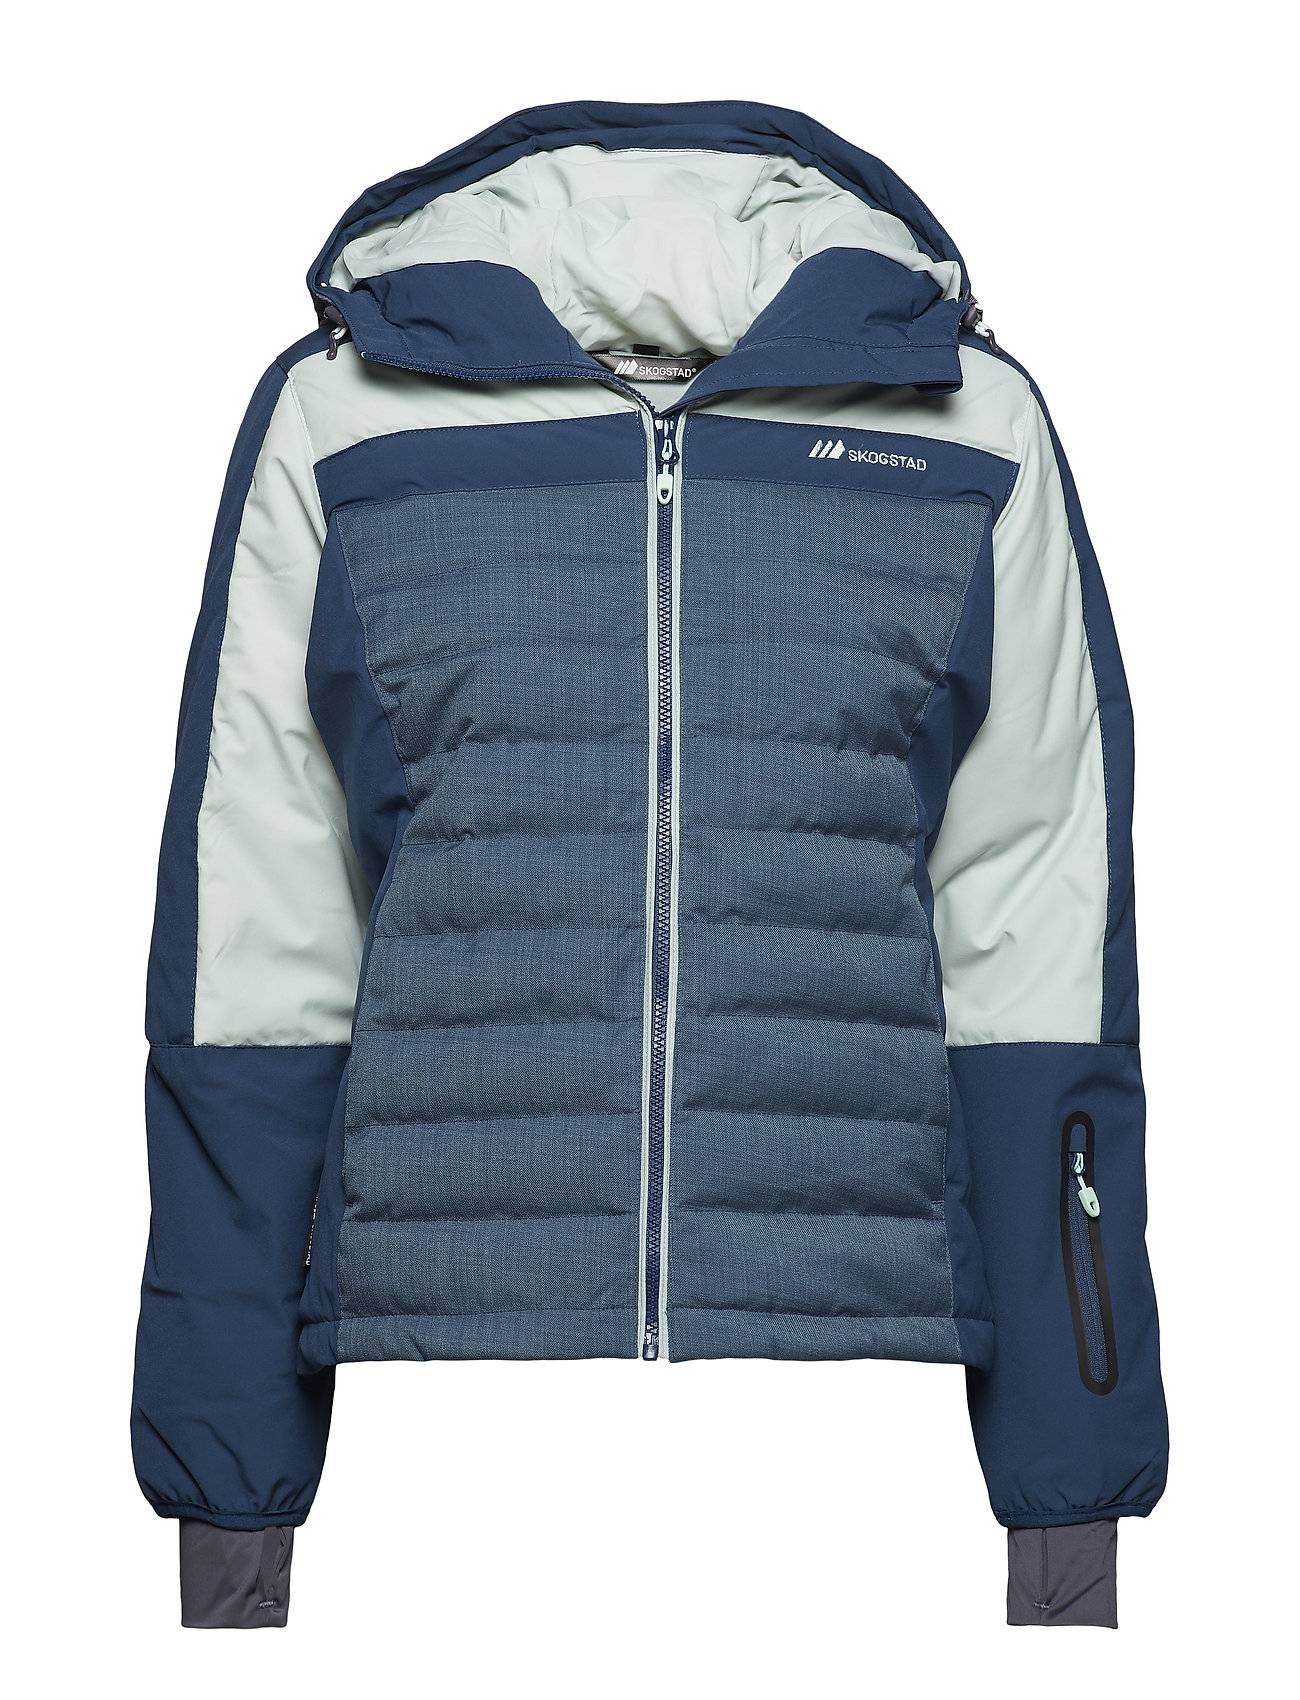 Skogstad Milde Down Jacket Outerwear Sport Jackets Sininen Skogstad